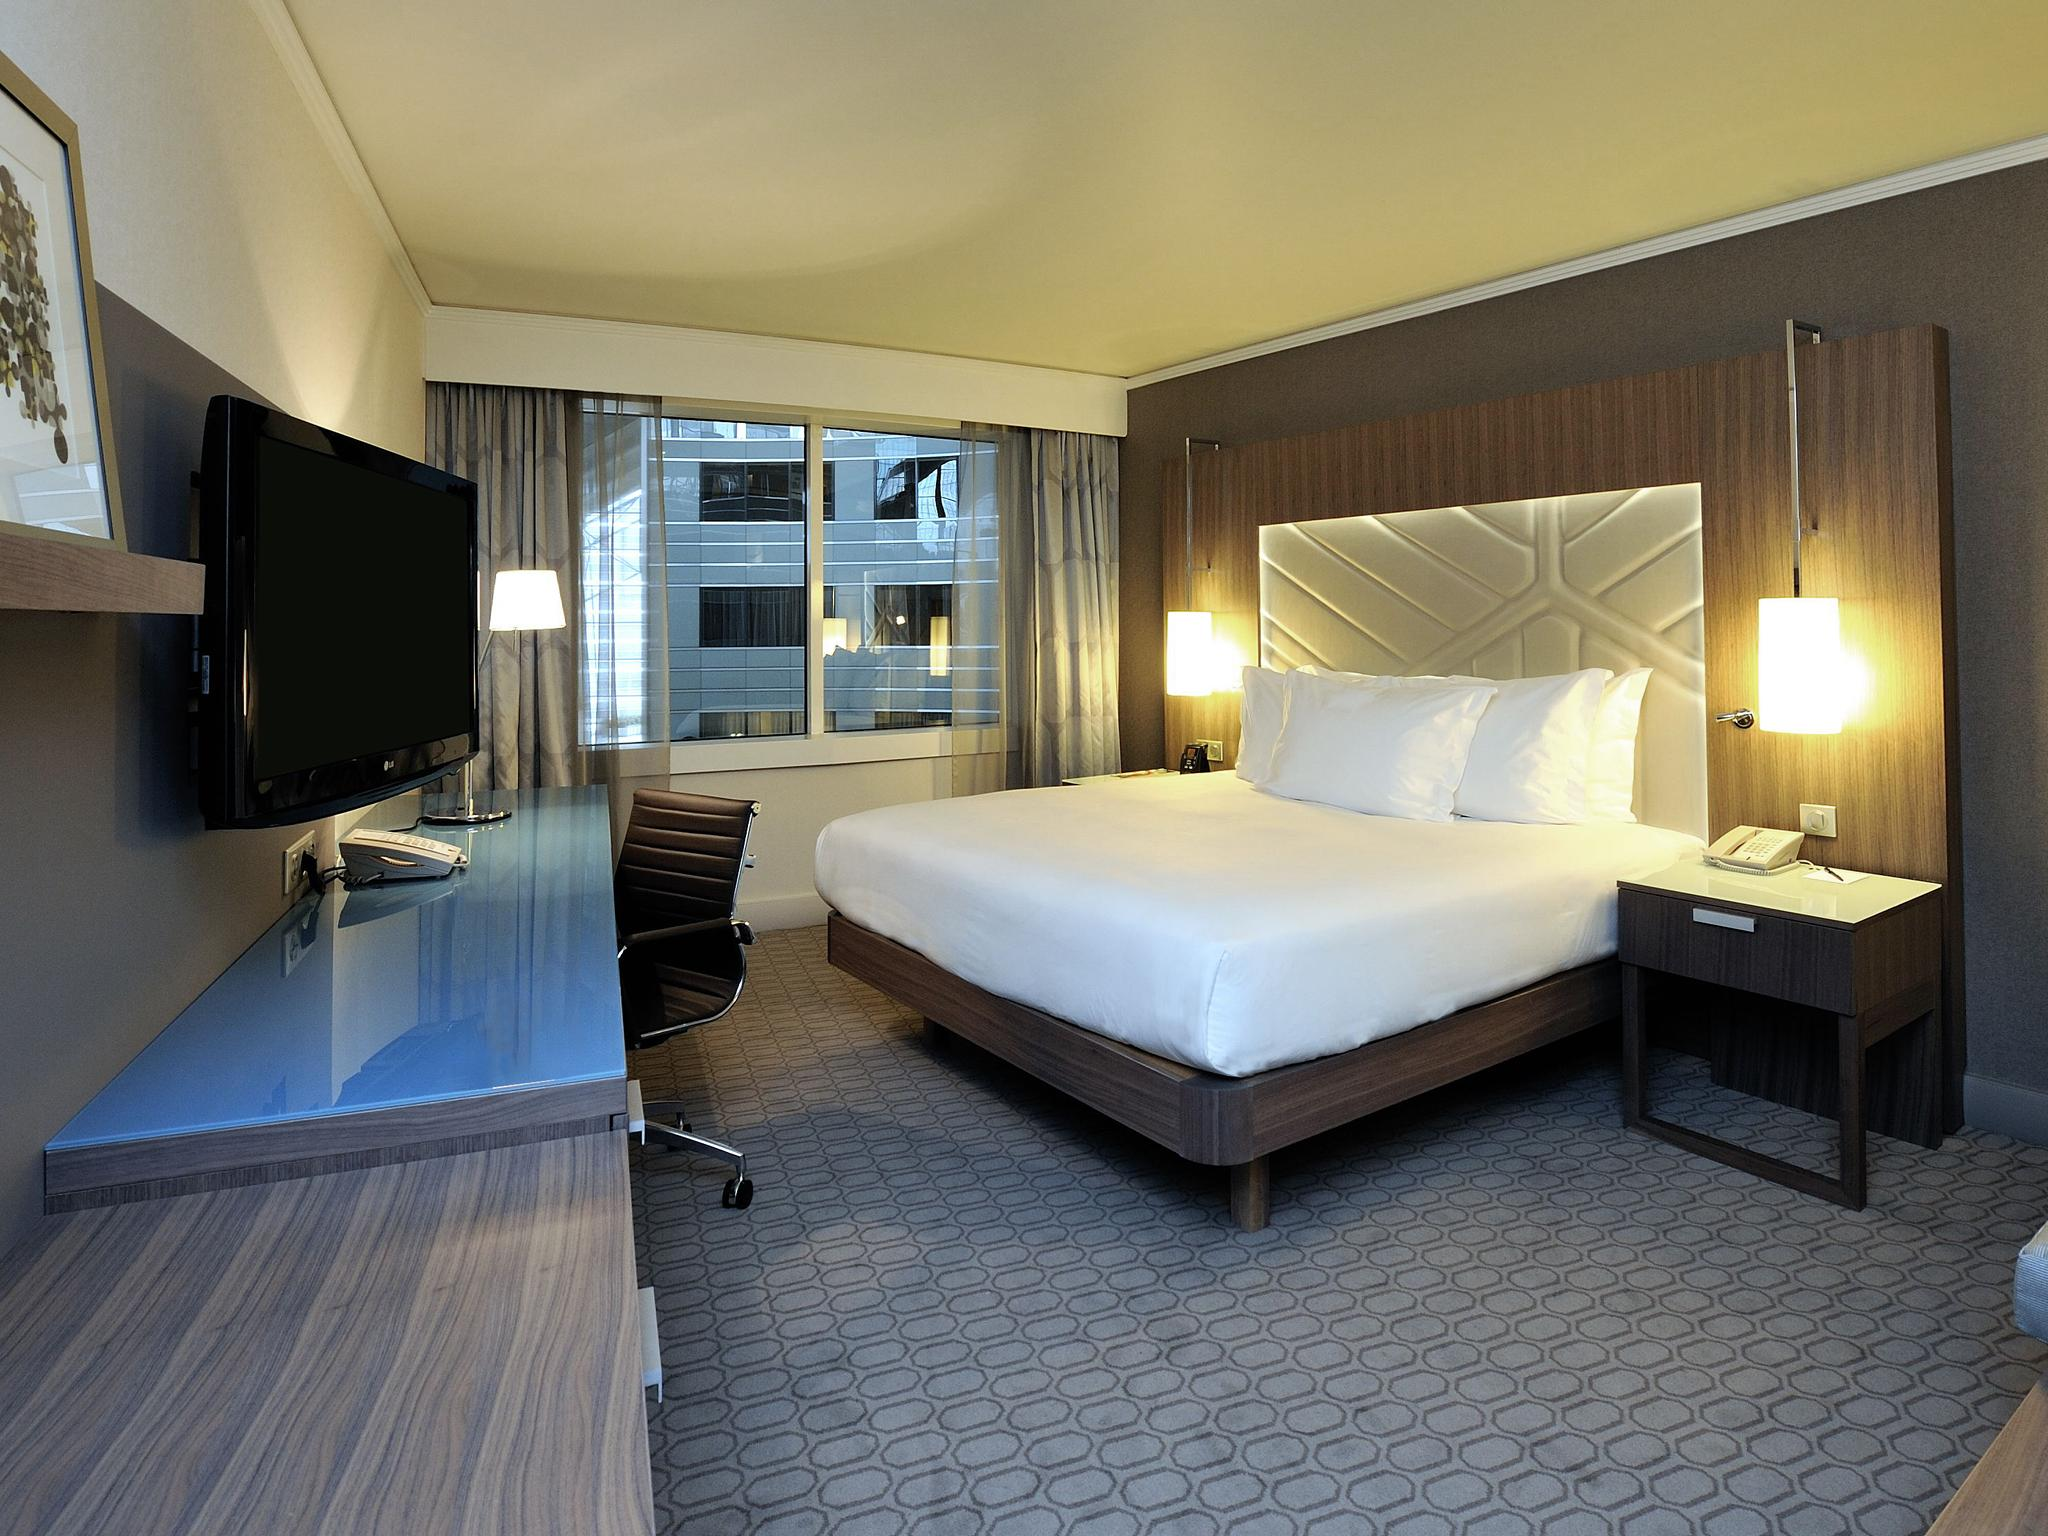 Salle De Bain Hilton ~ hotel hilton la d fense hotelaparis com sur h tel paris